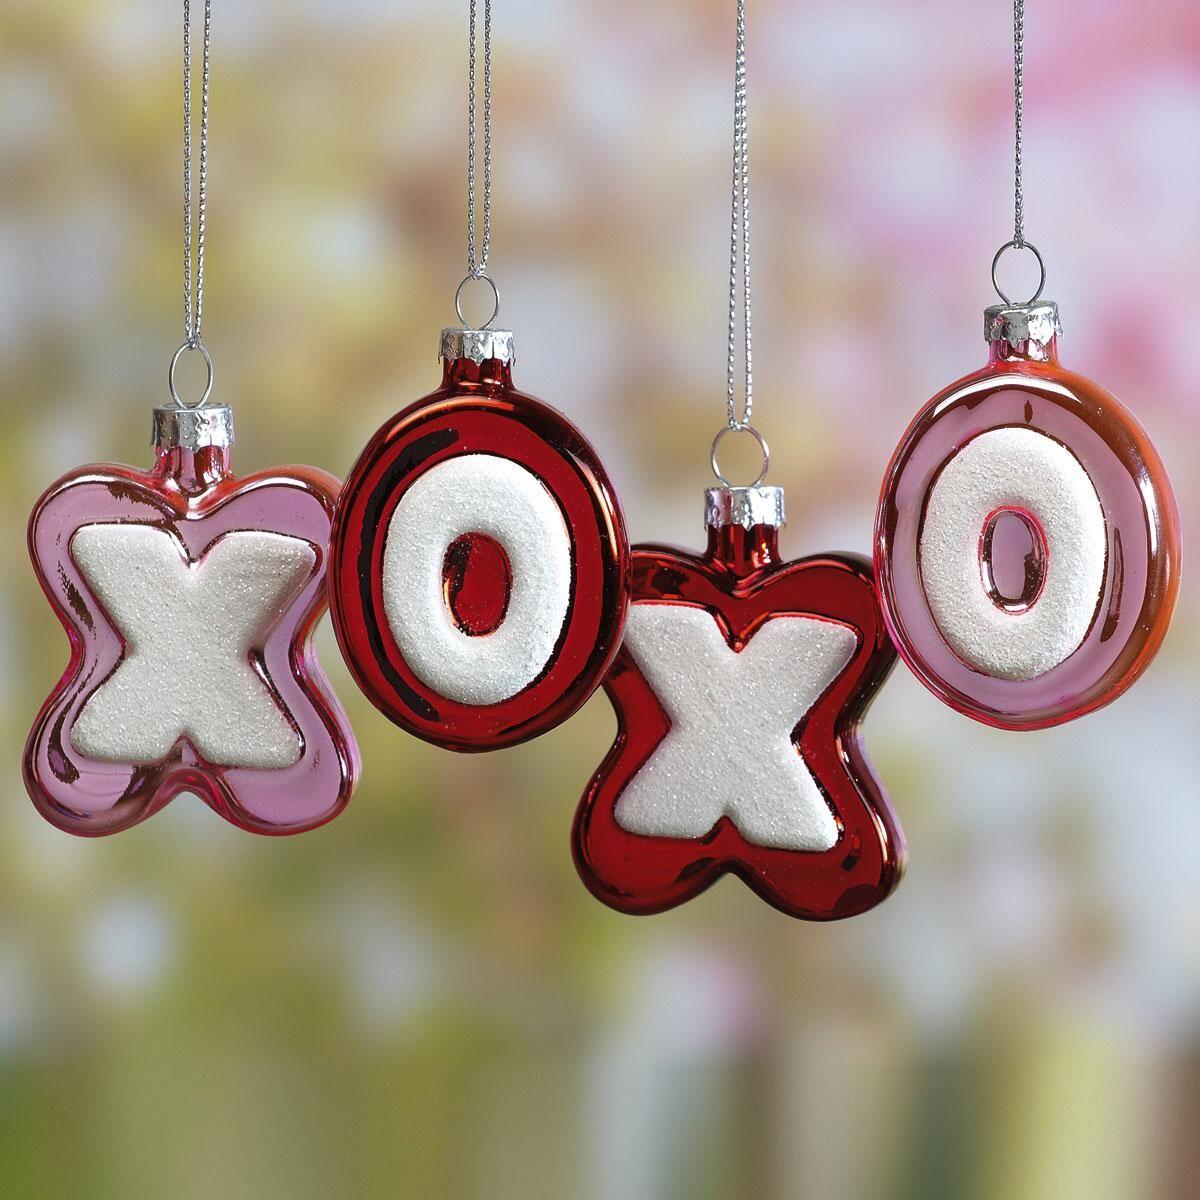 X & O Ornaments - Set of 8